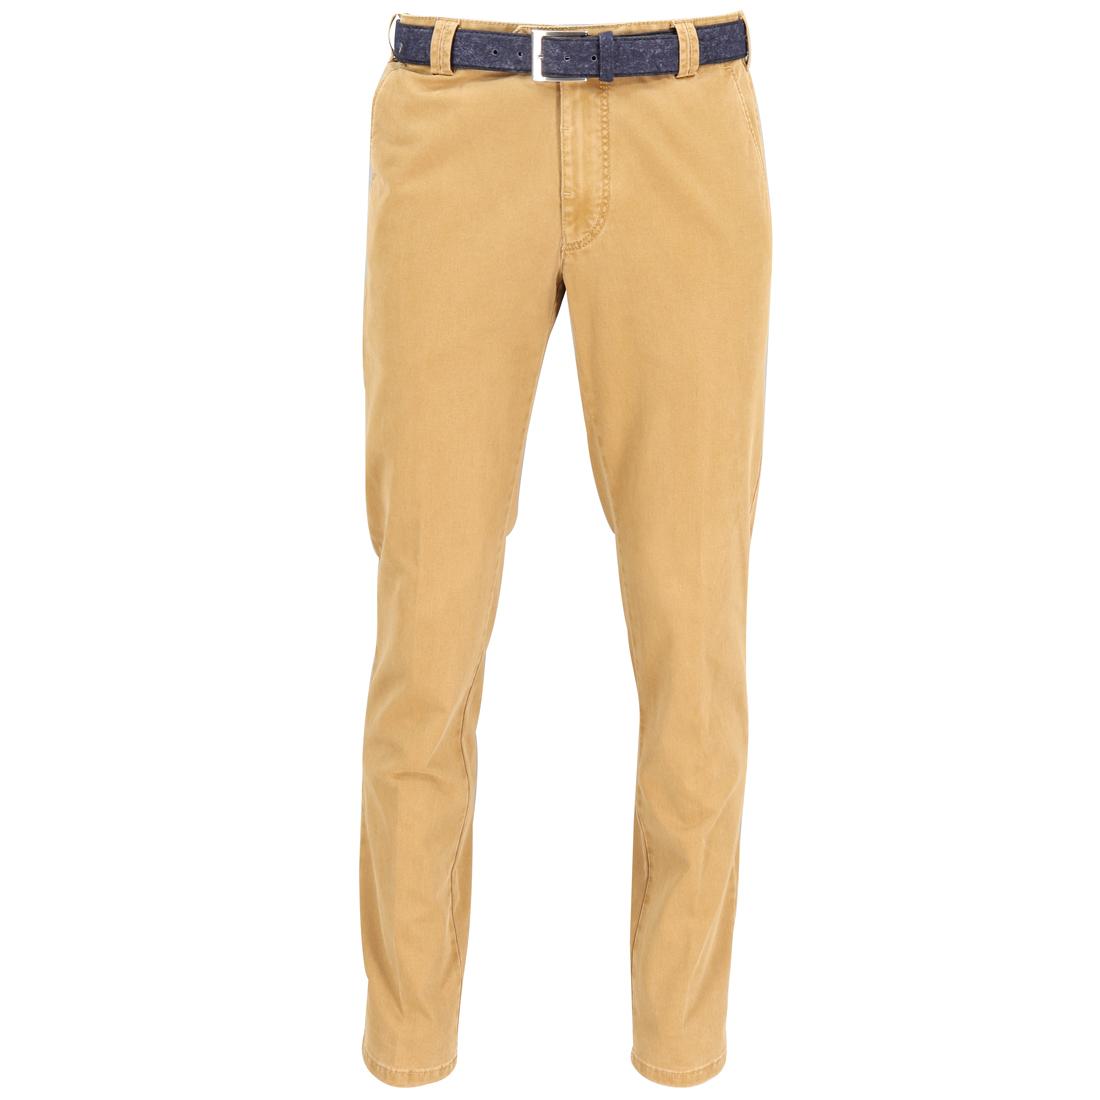 Meyer Hosen broek Bonn 1022555800 in het Camel